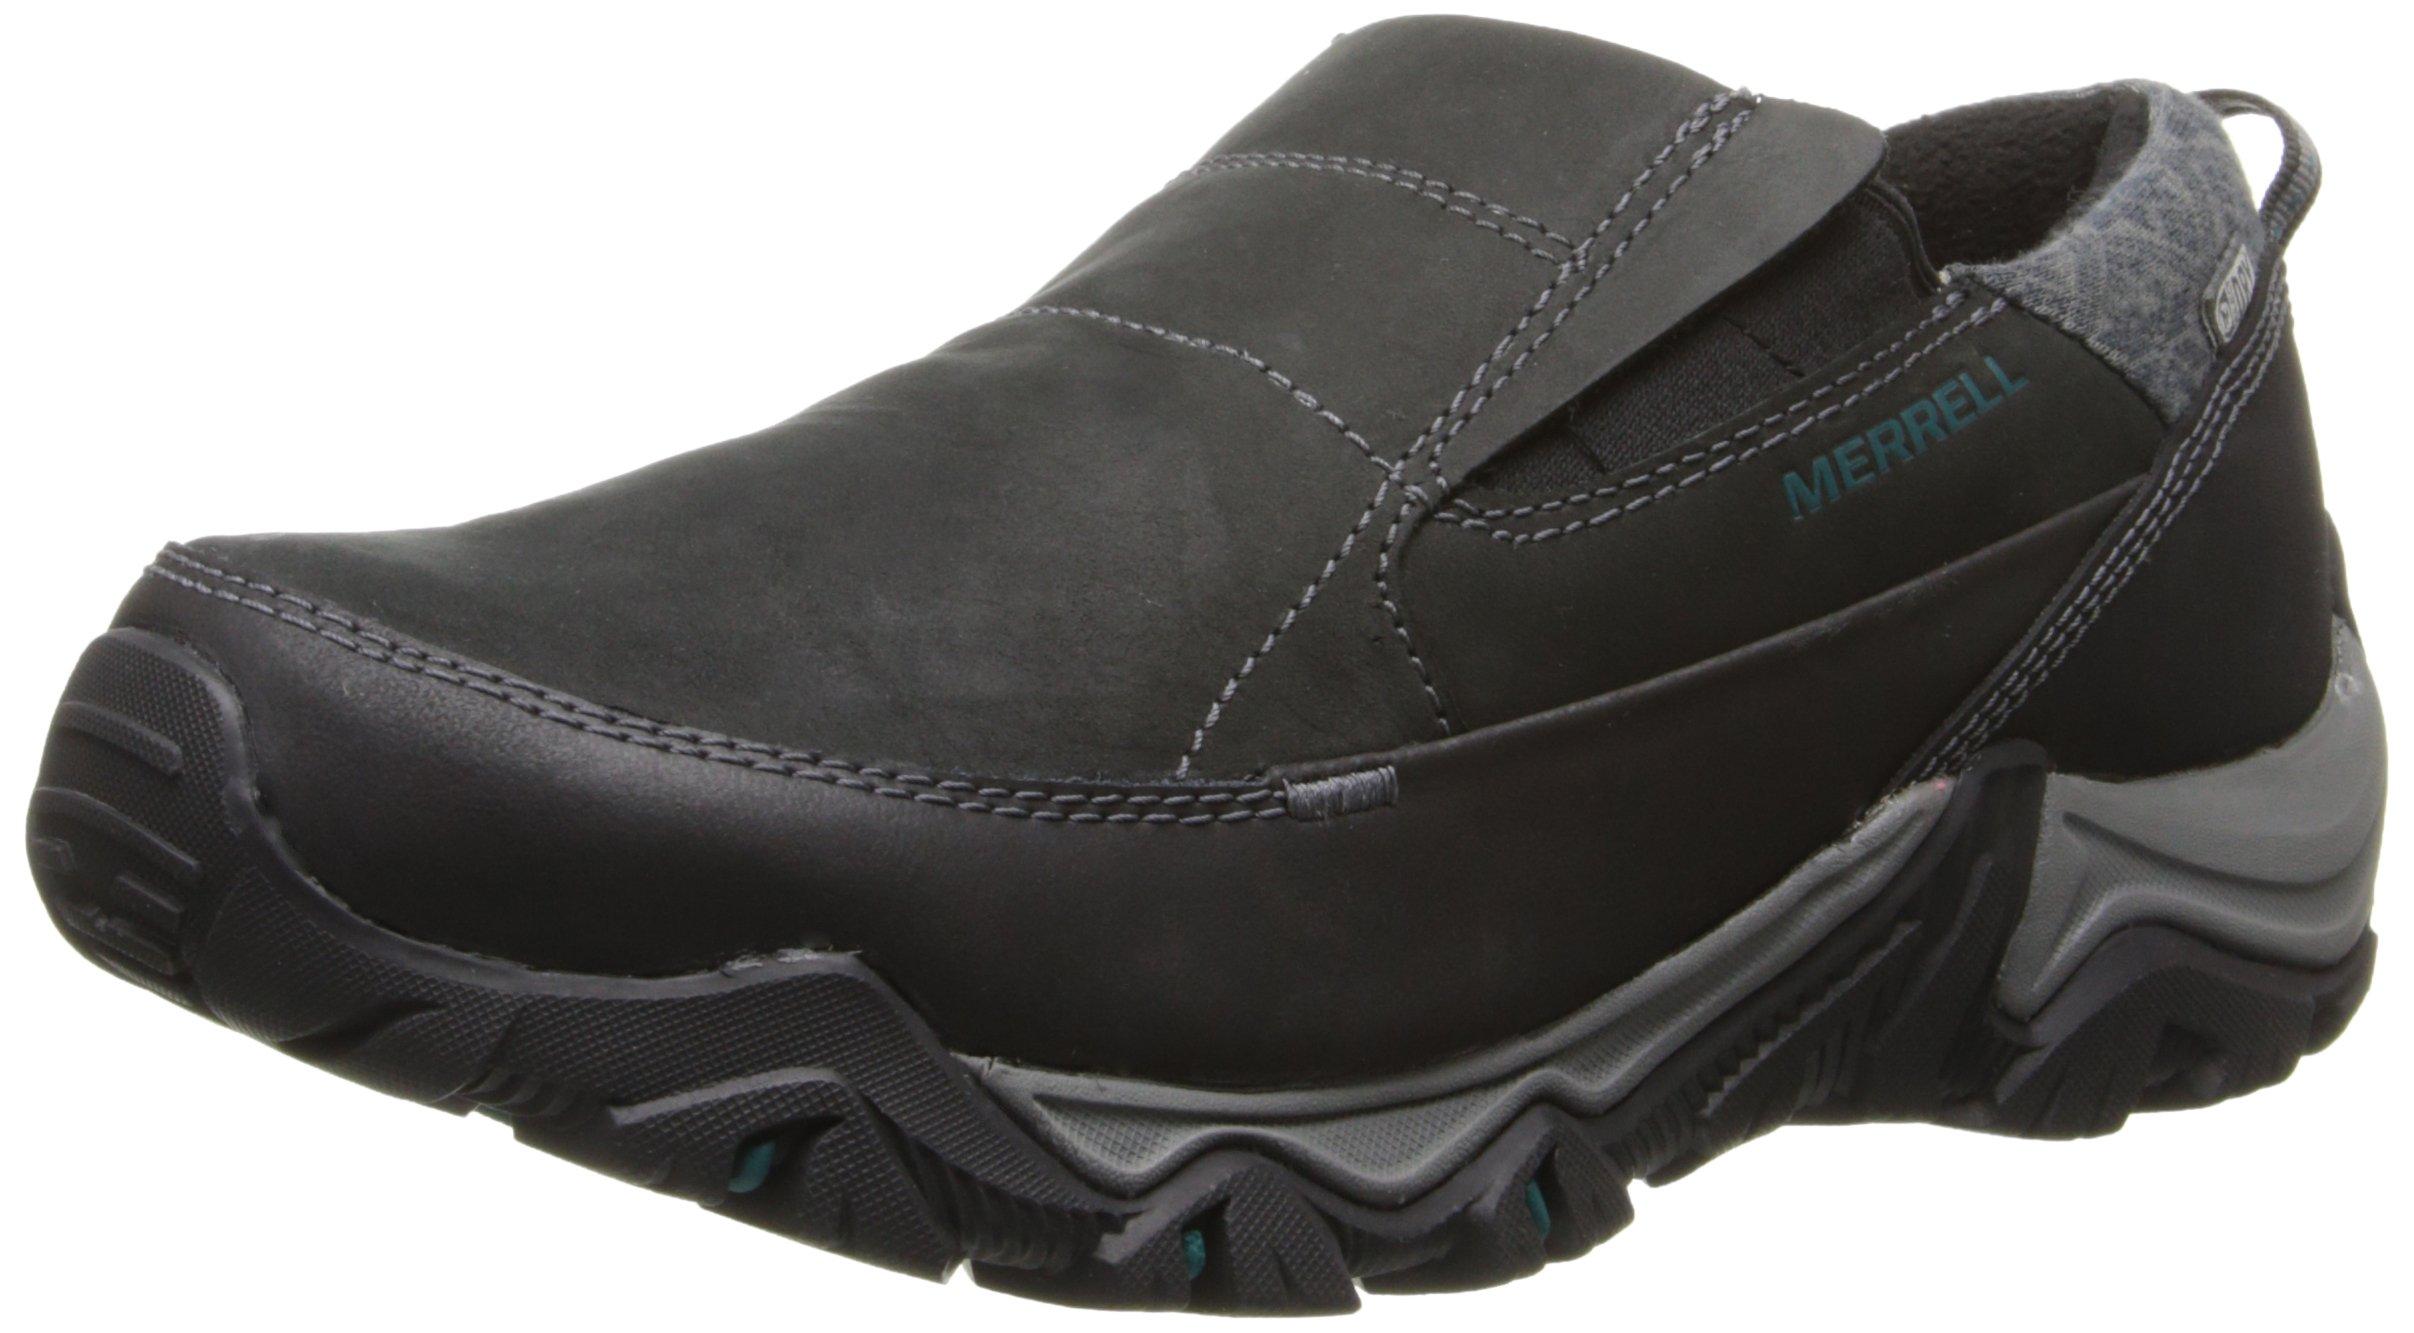 Merrell Slip On Winter Shoes